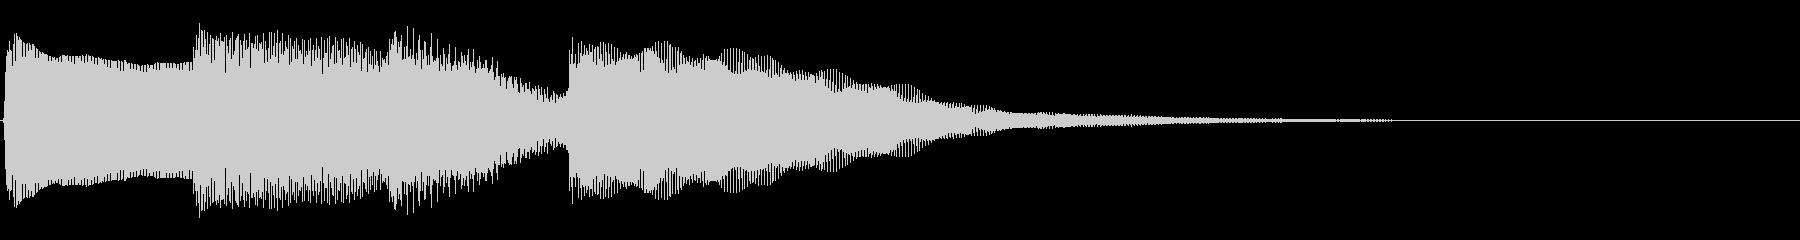 ピンポンパンポン01-1(バイノーラル)の未再生の波形